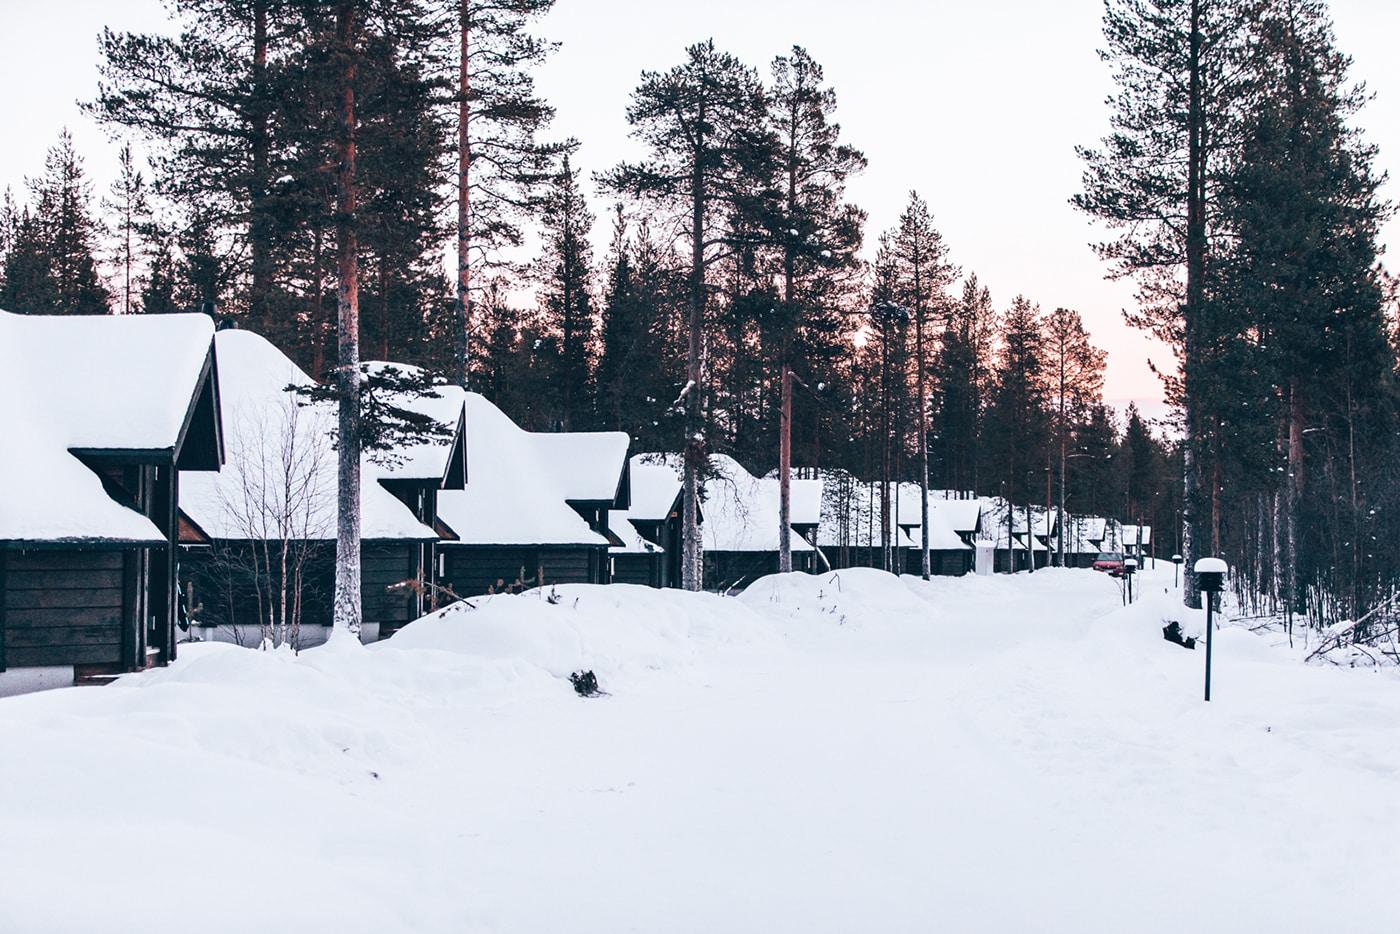 ID5A5466 - Récap de notre voyage en Laponie Finlandaise